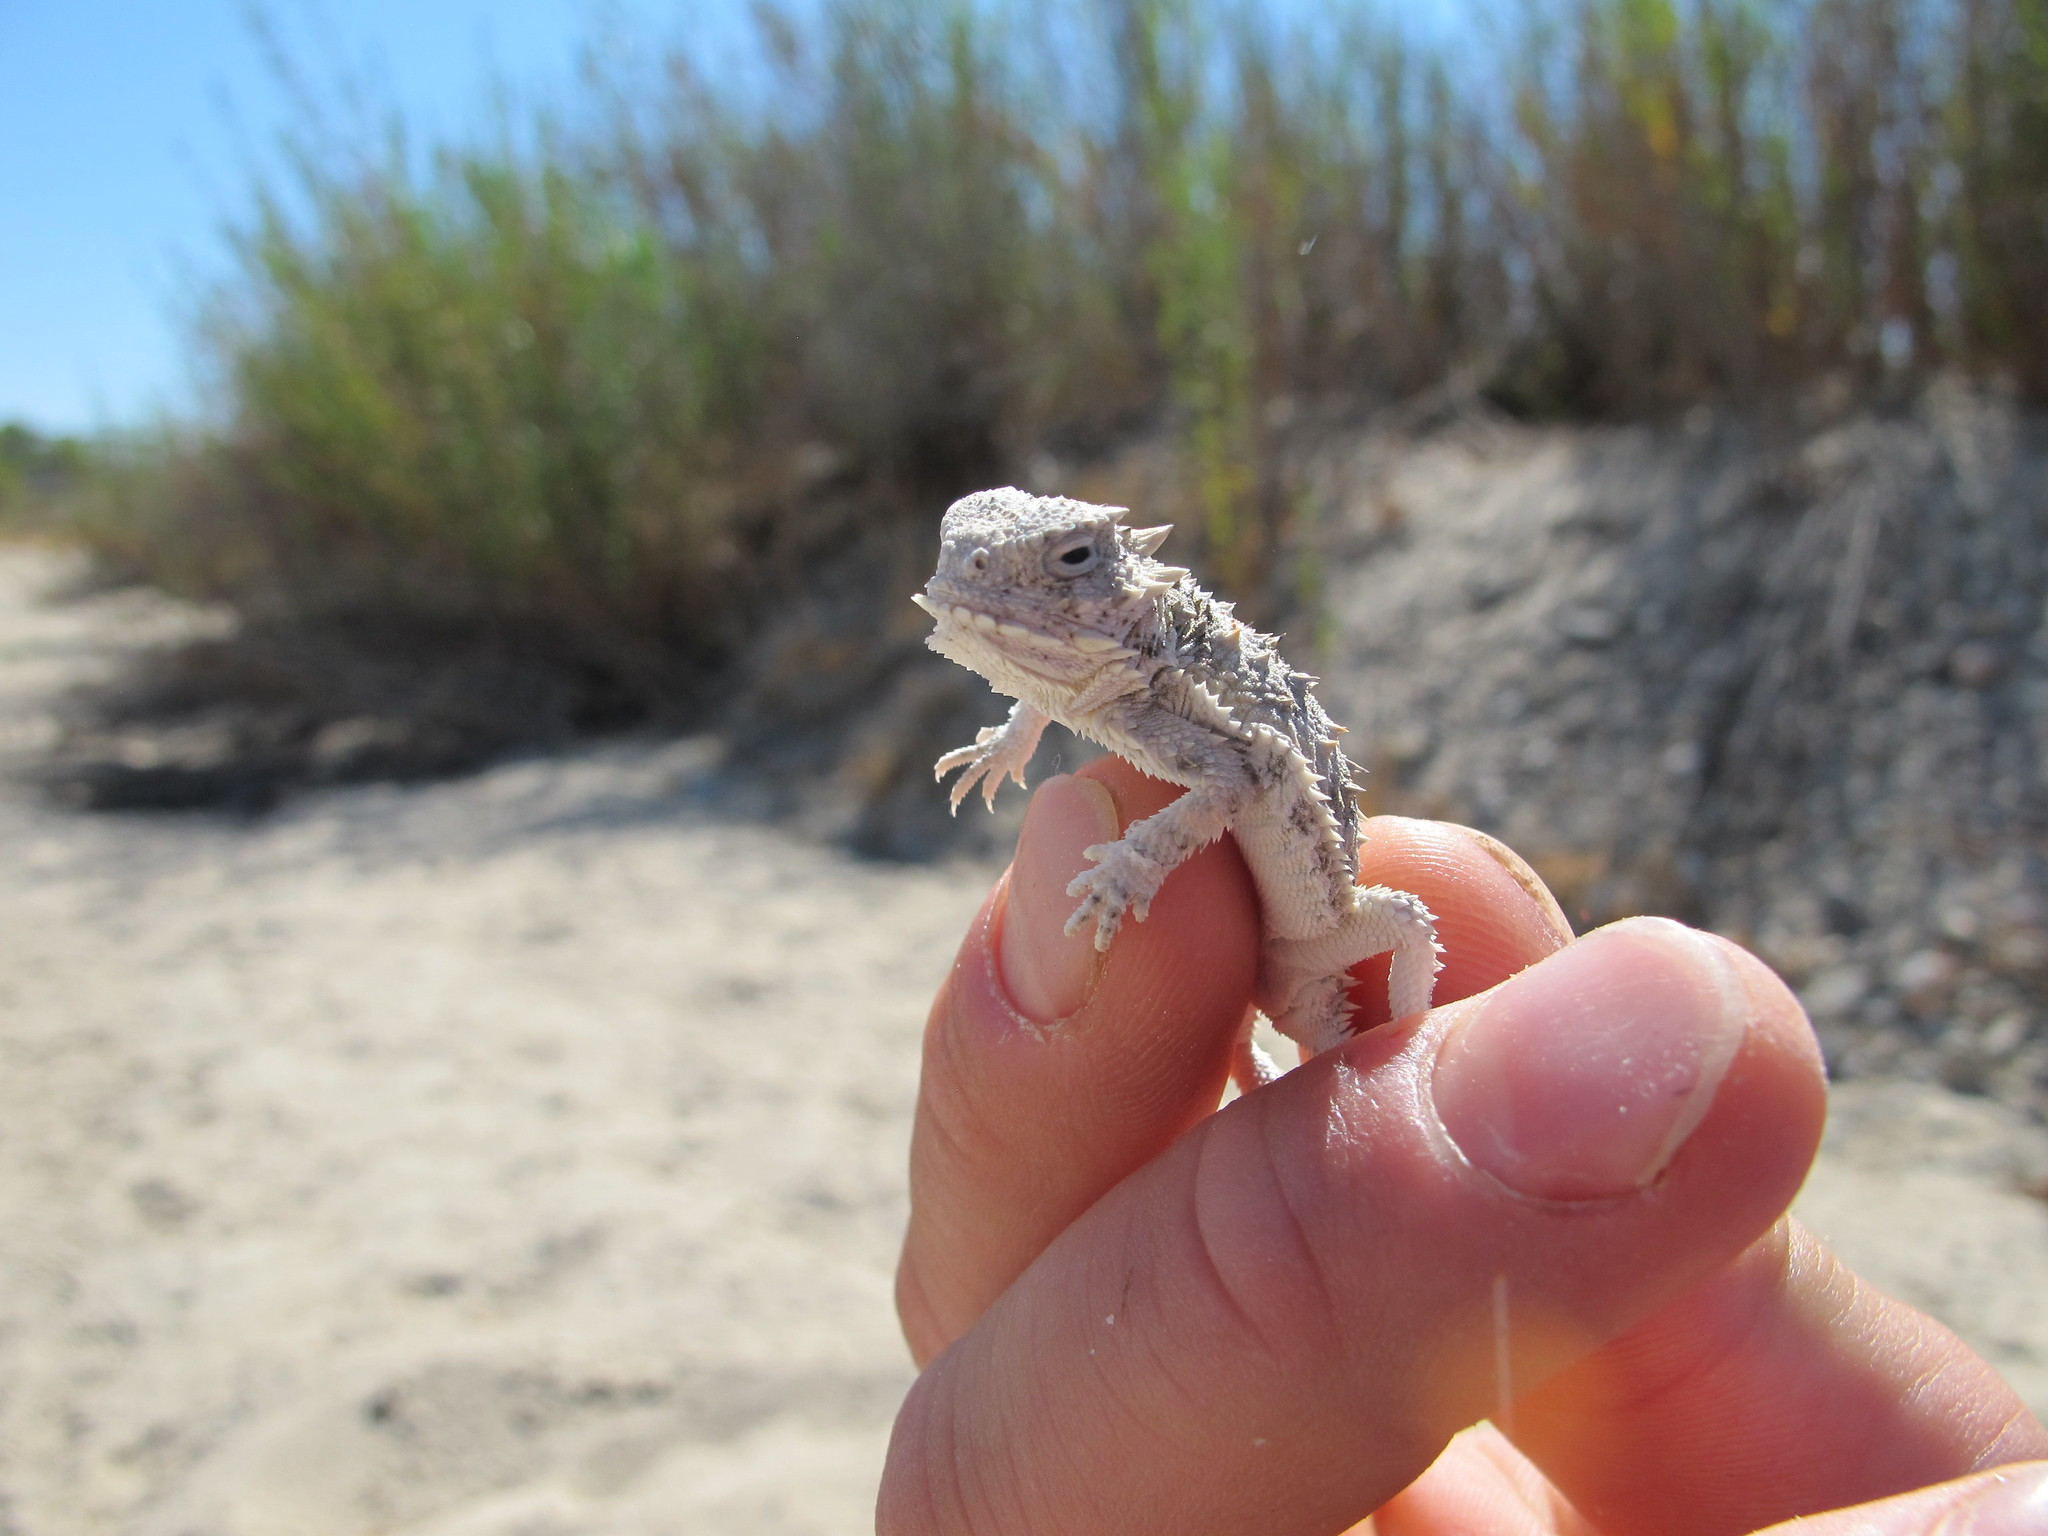 Holding a horned lizard